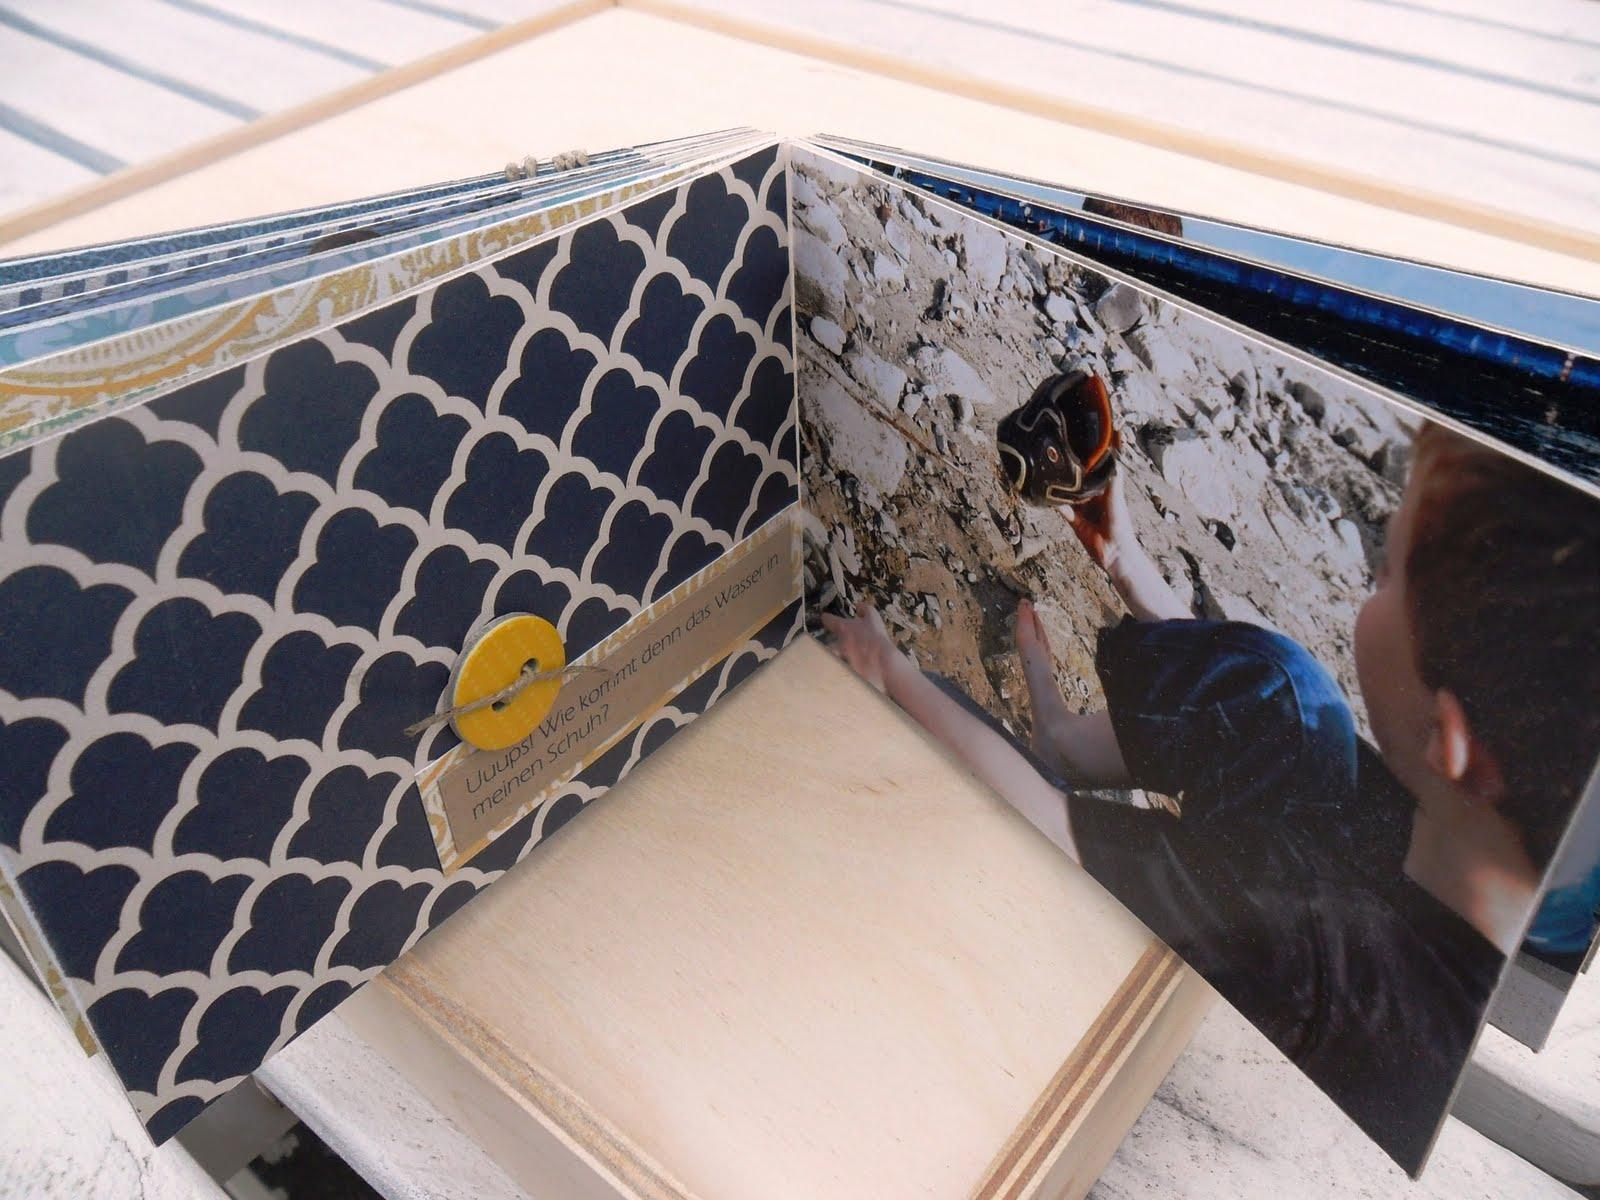 Titelbild Schoenes Aus Papier Von : Sch?ne dinge aus papier strandpiraten mal zwei